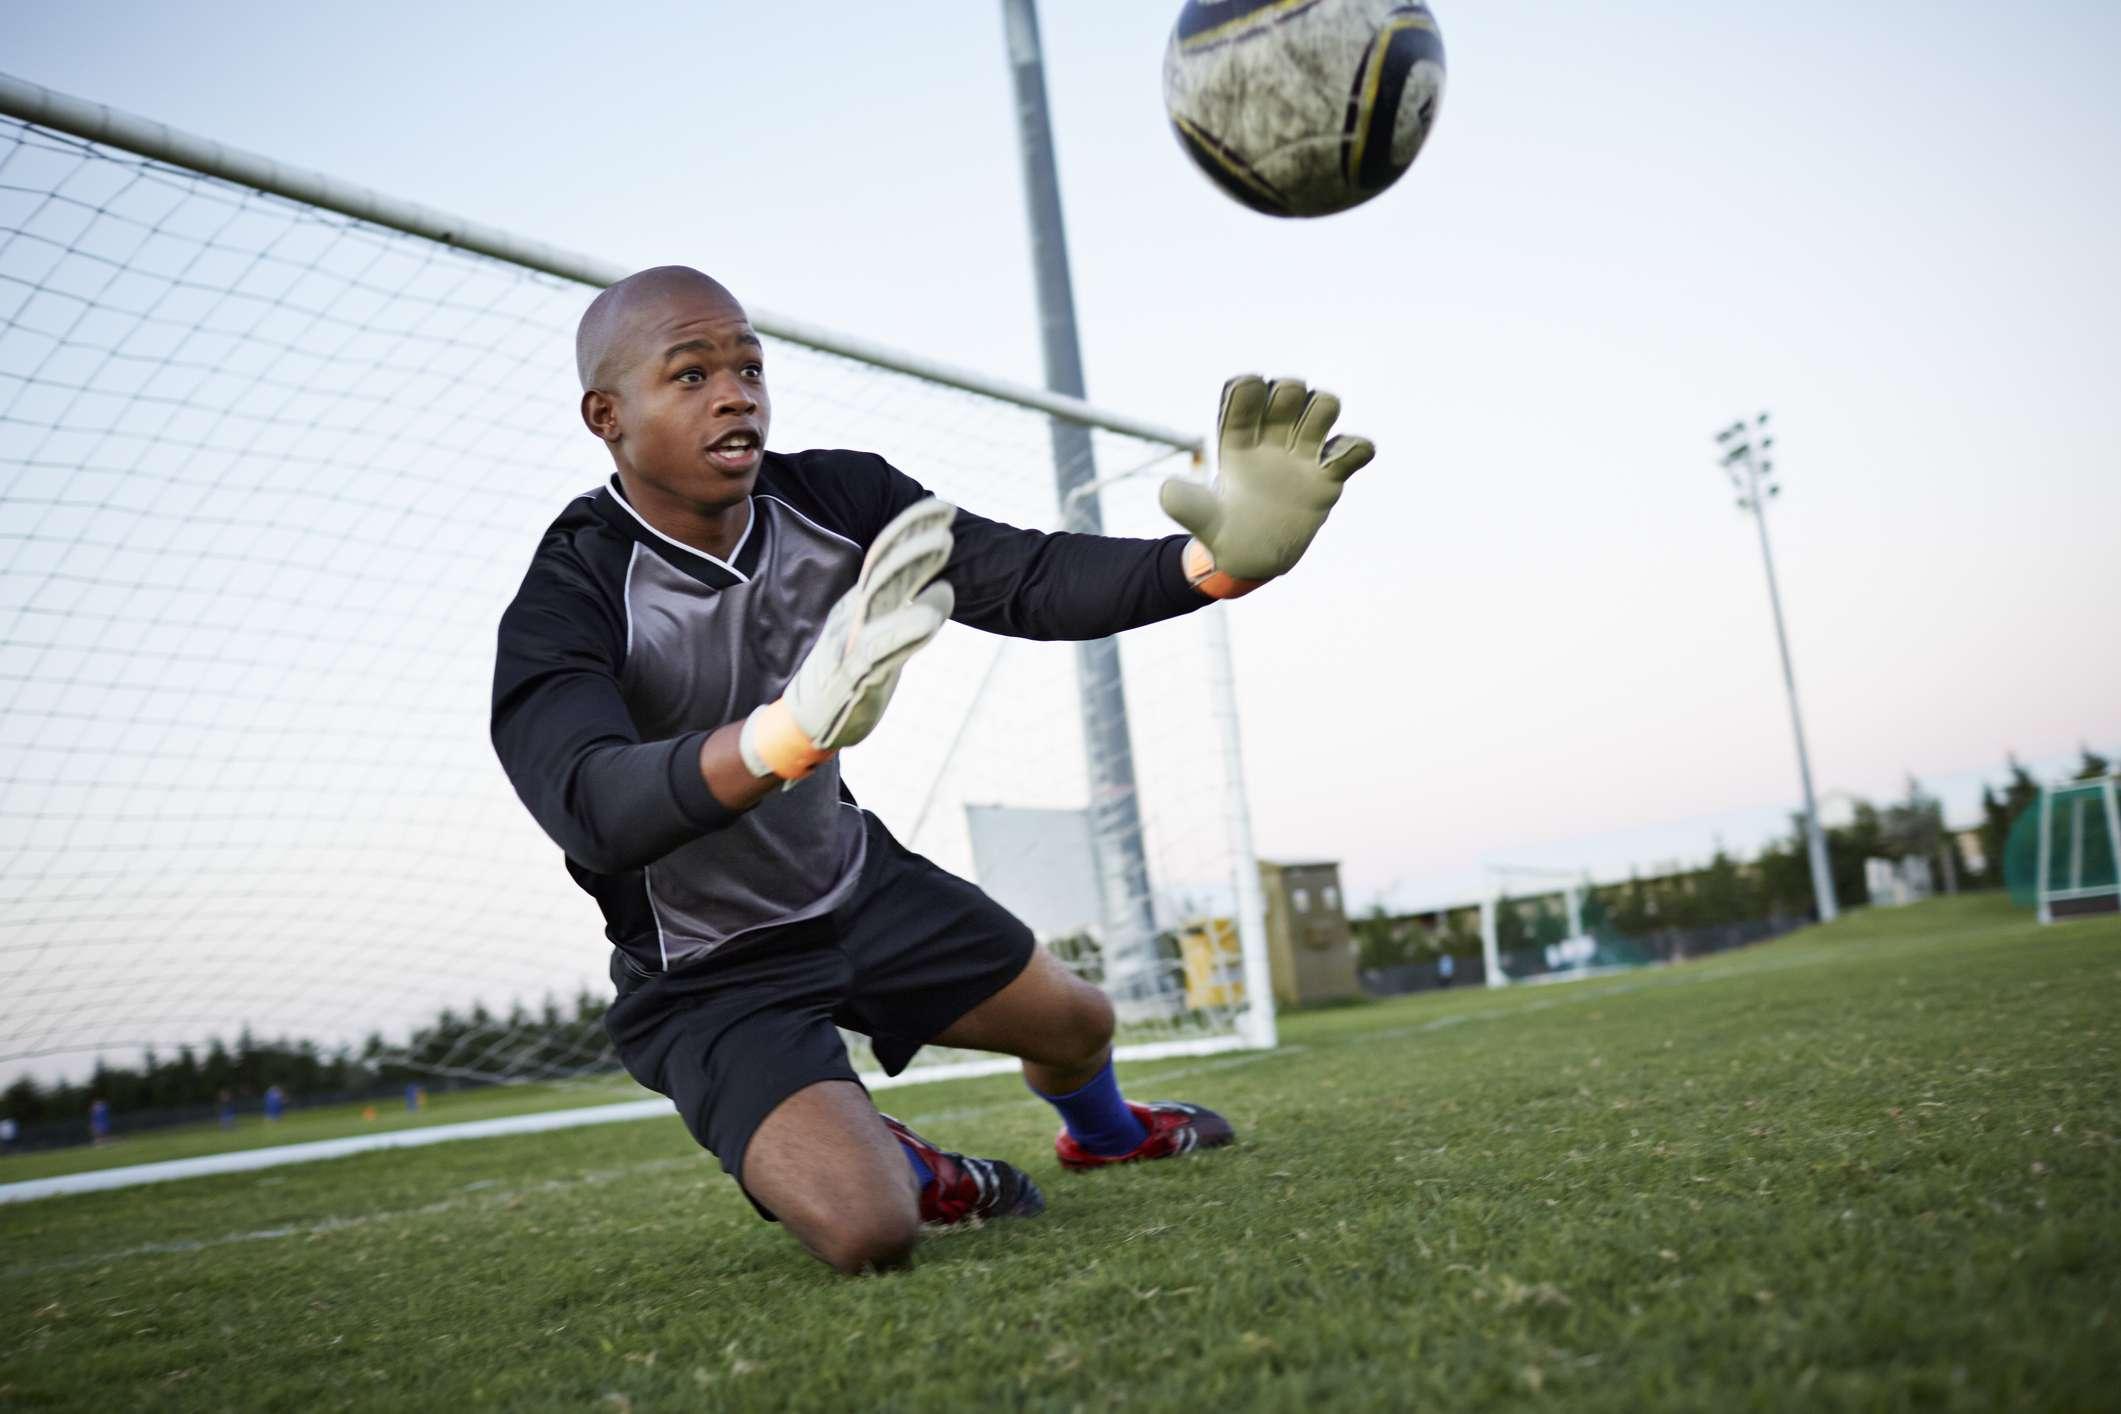 Portero saltando para atrapar el fútbol